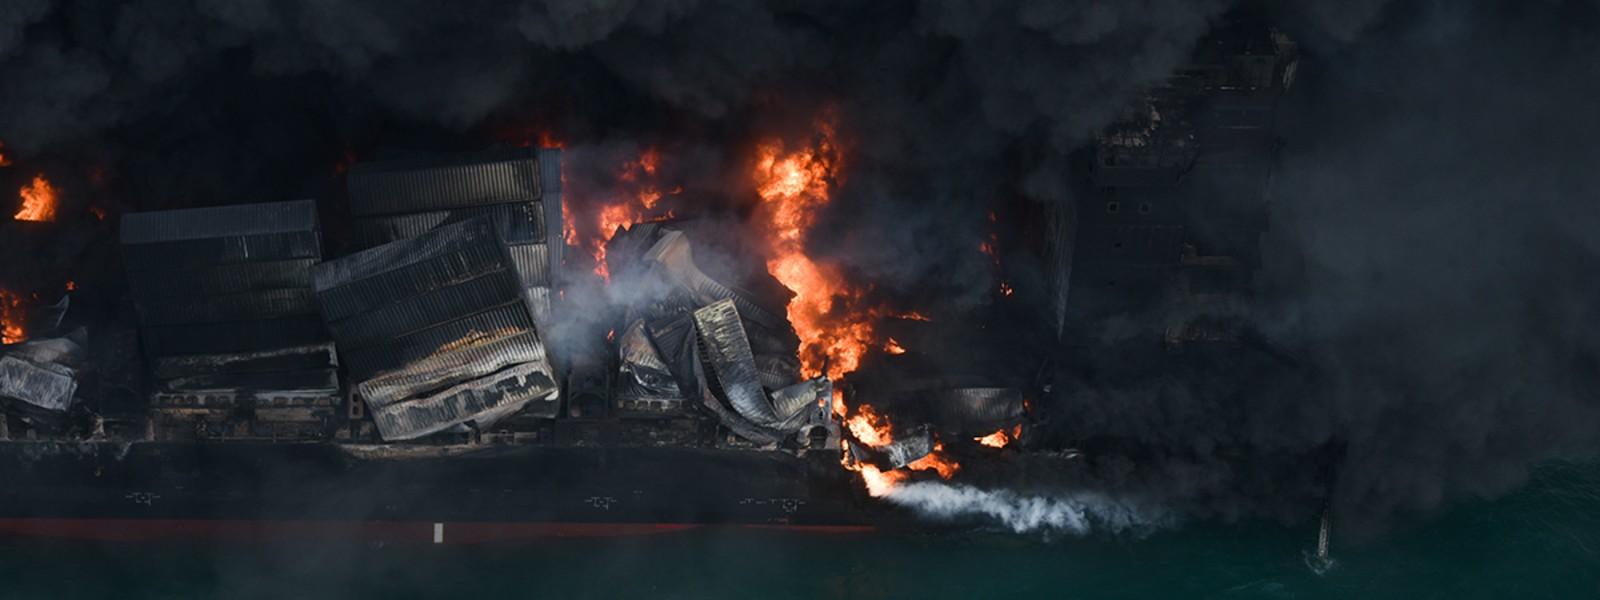 NO oil spill when X-Press Pearl was on fire; Investigators